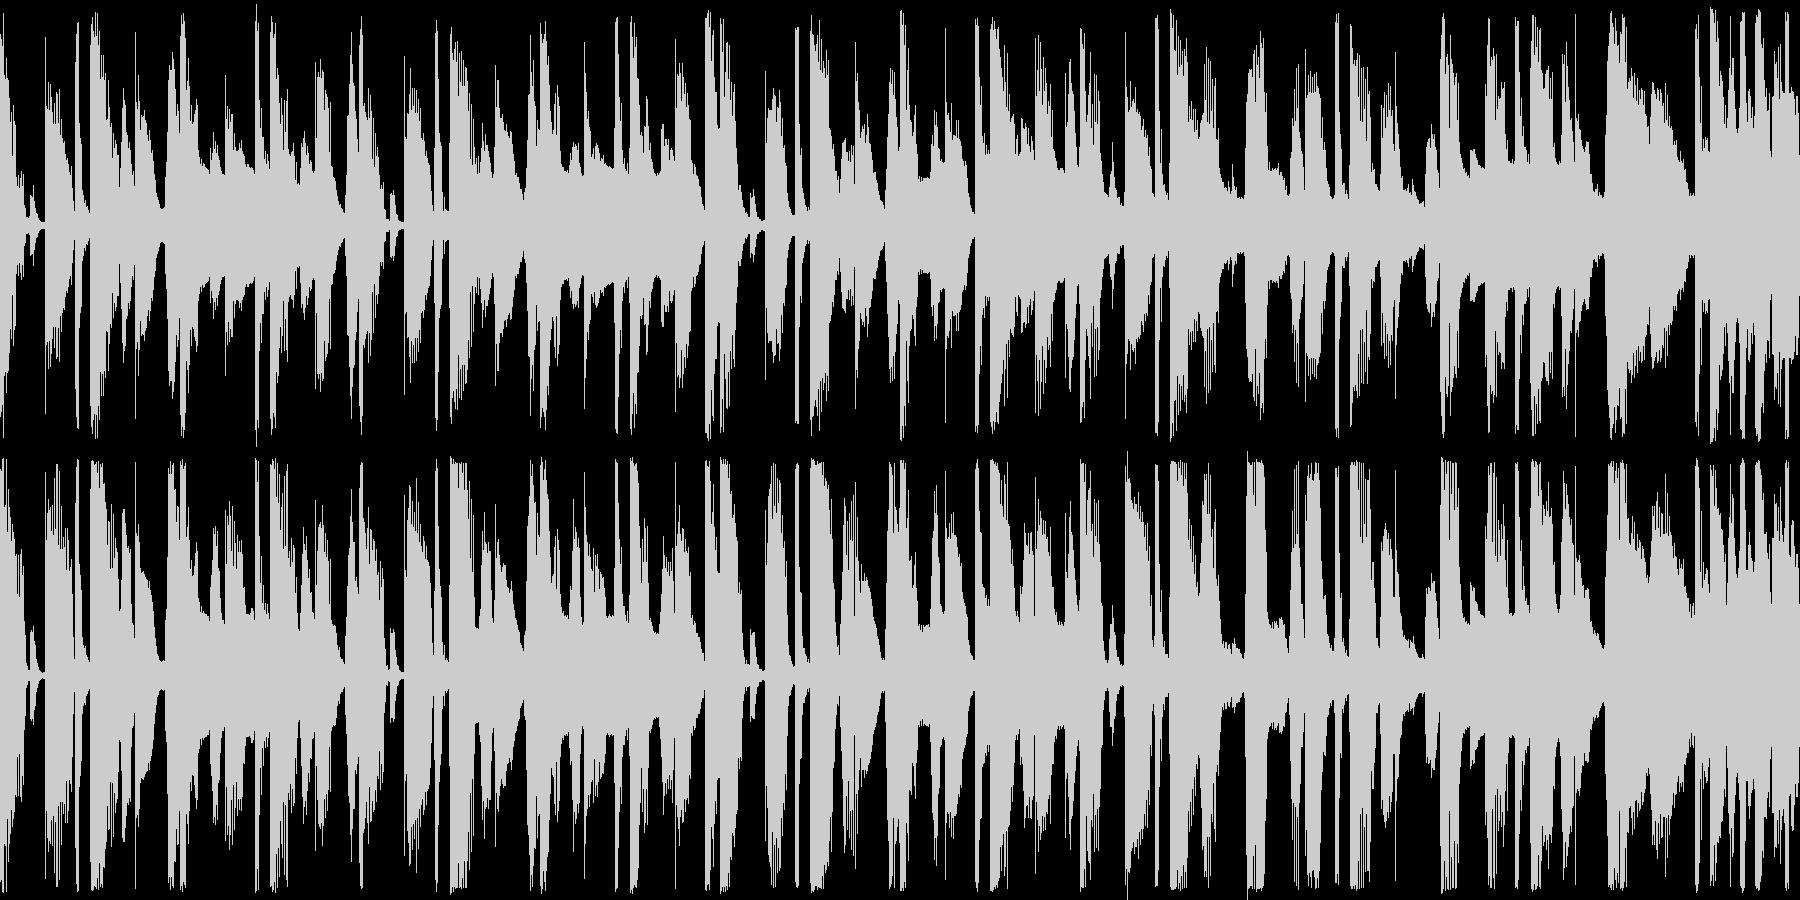 軽快でお気楽なループ用BGMの未再生の波形